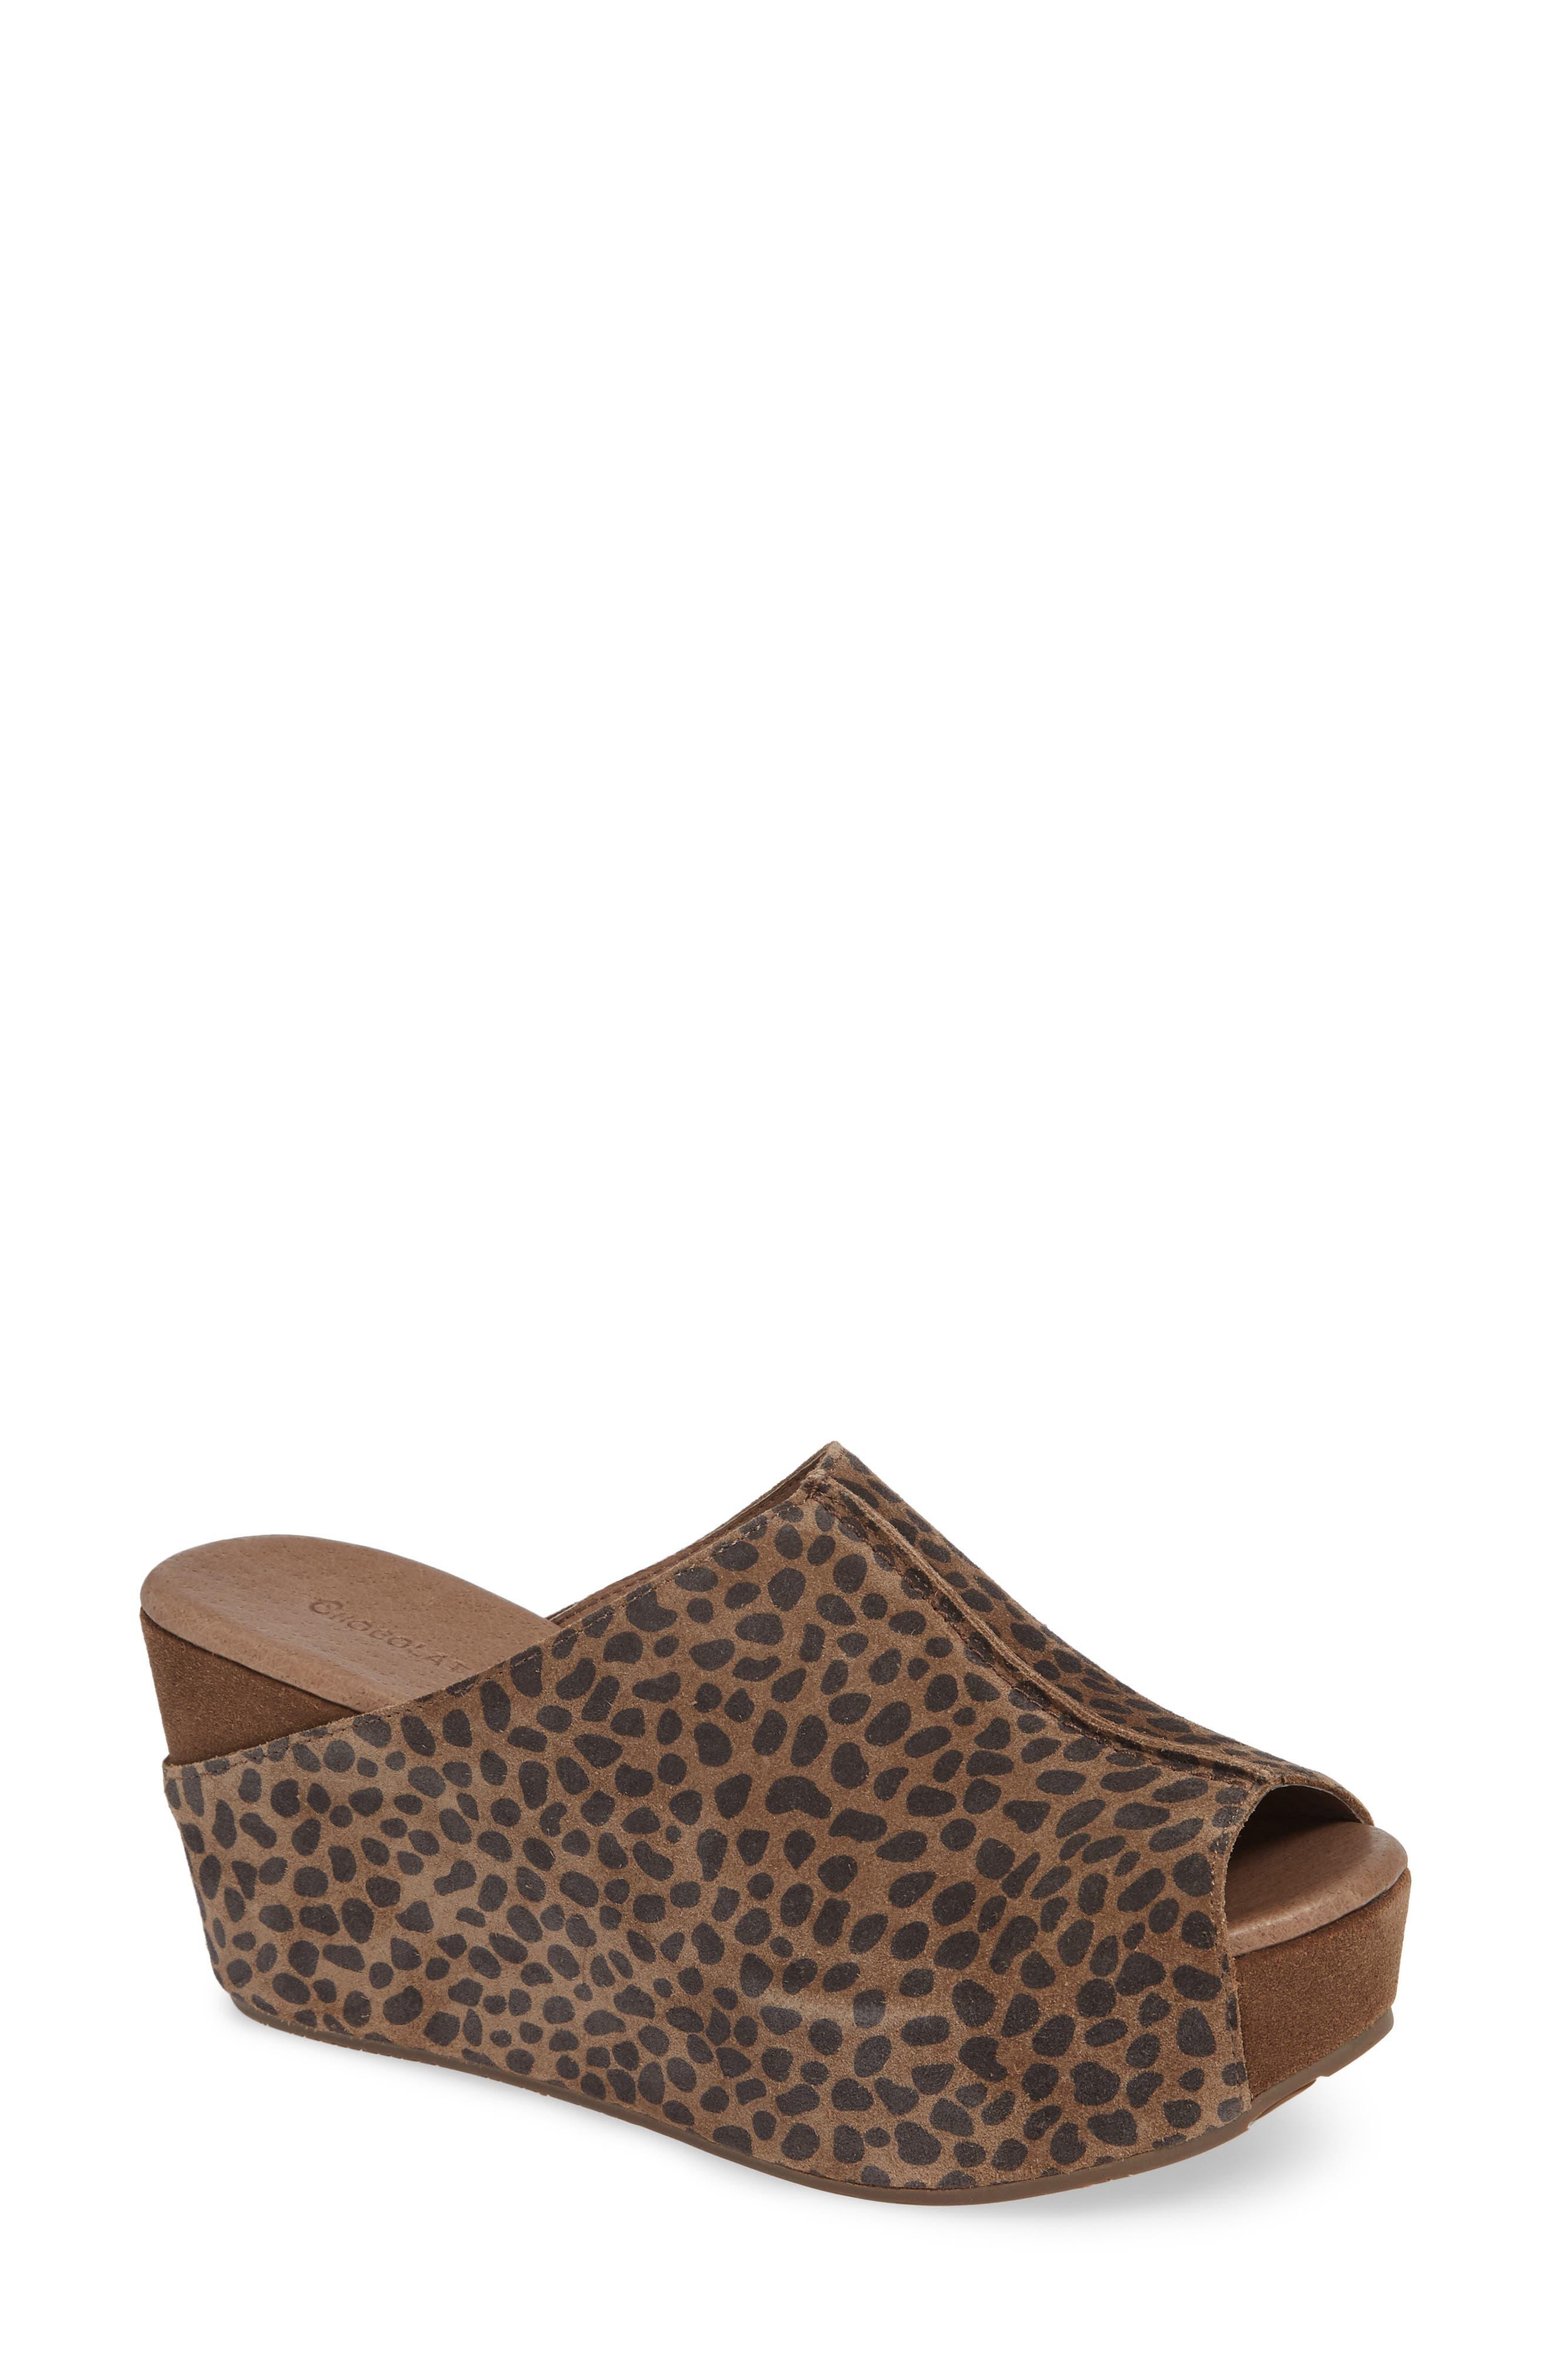 Wynn Peep Toe Mule,                         Main,                         color, Leopard Suede